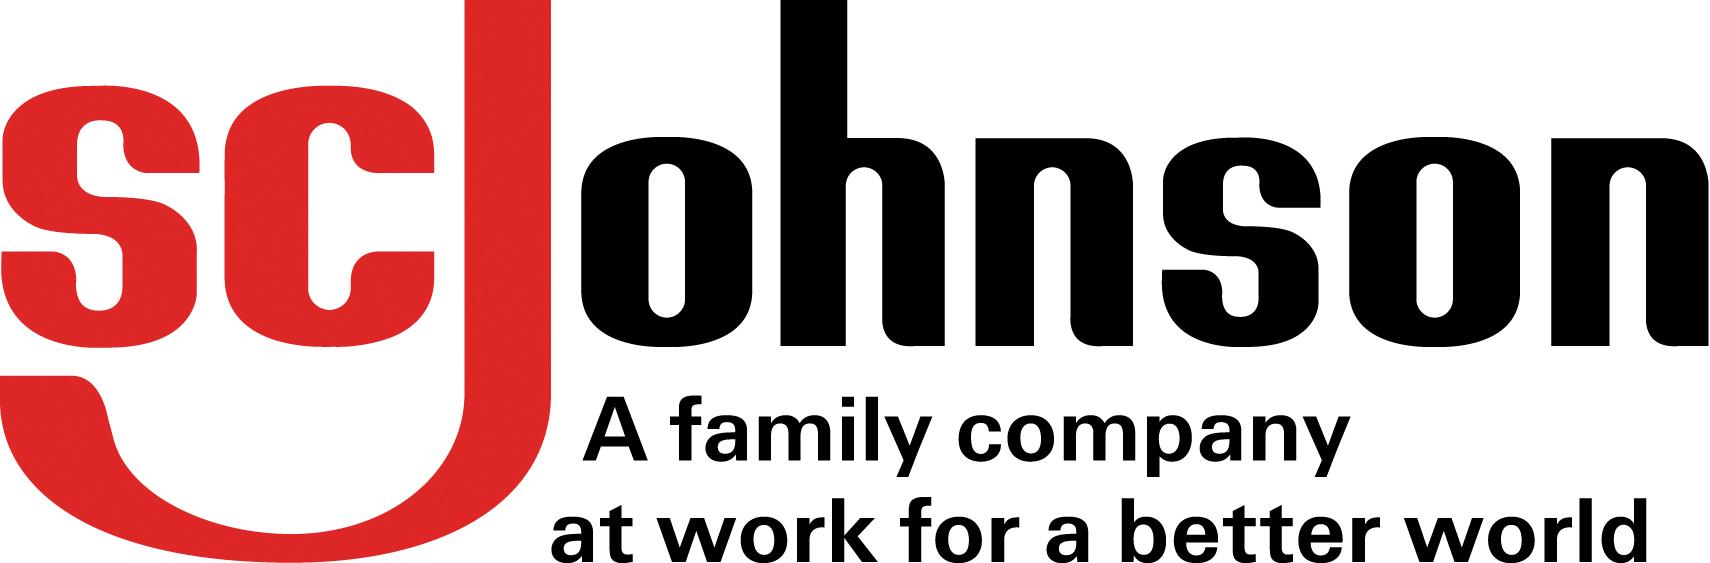 SCJ Logo JPG.jpg